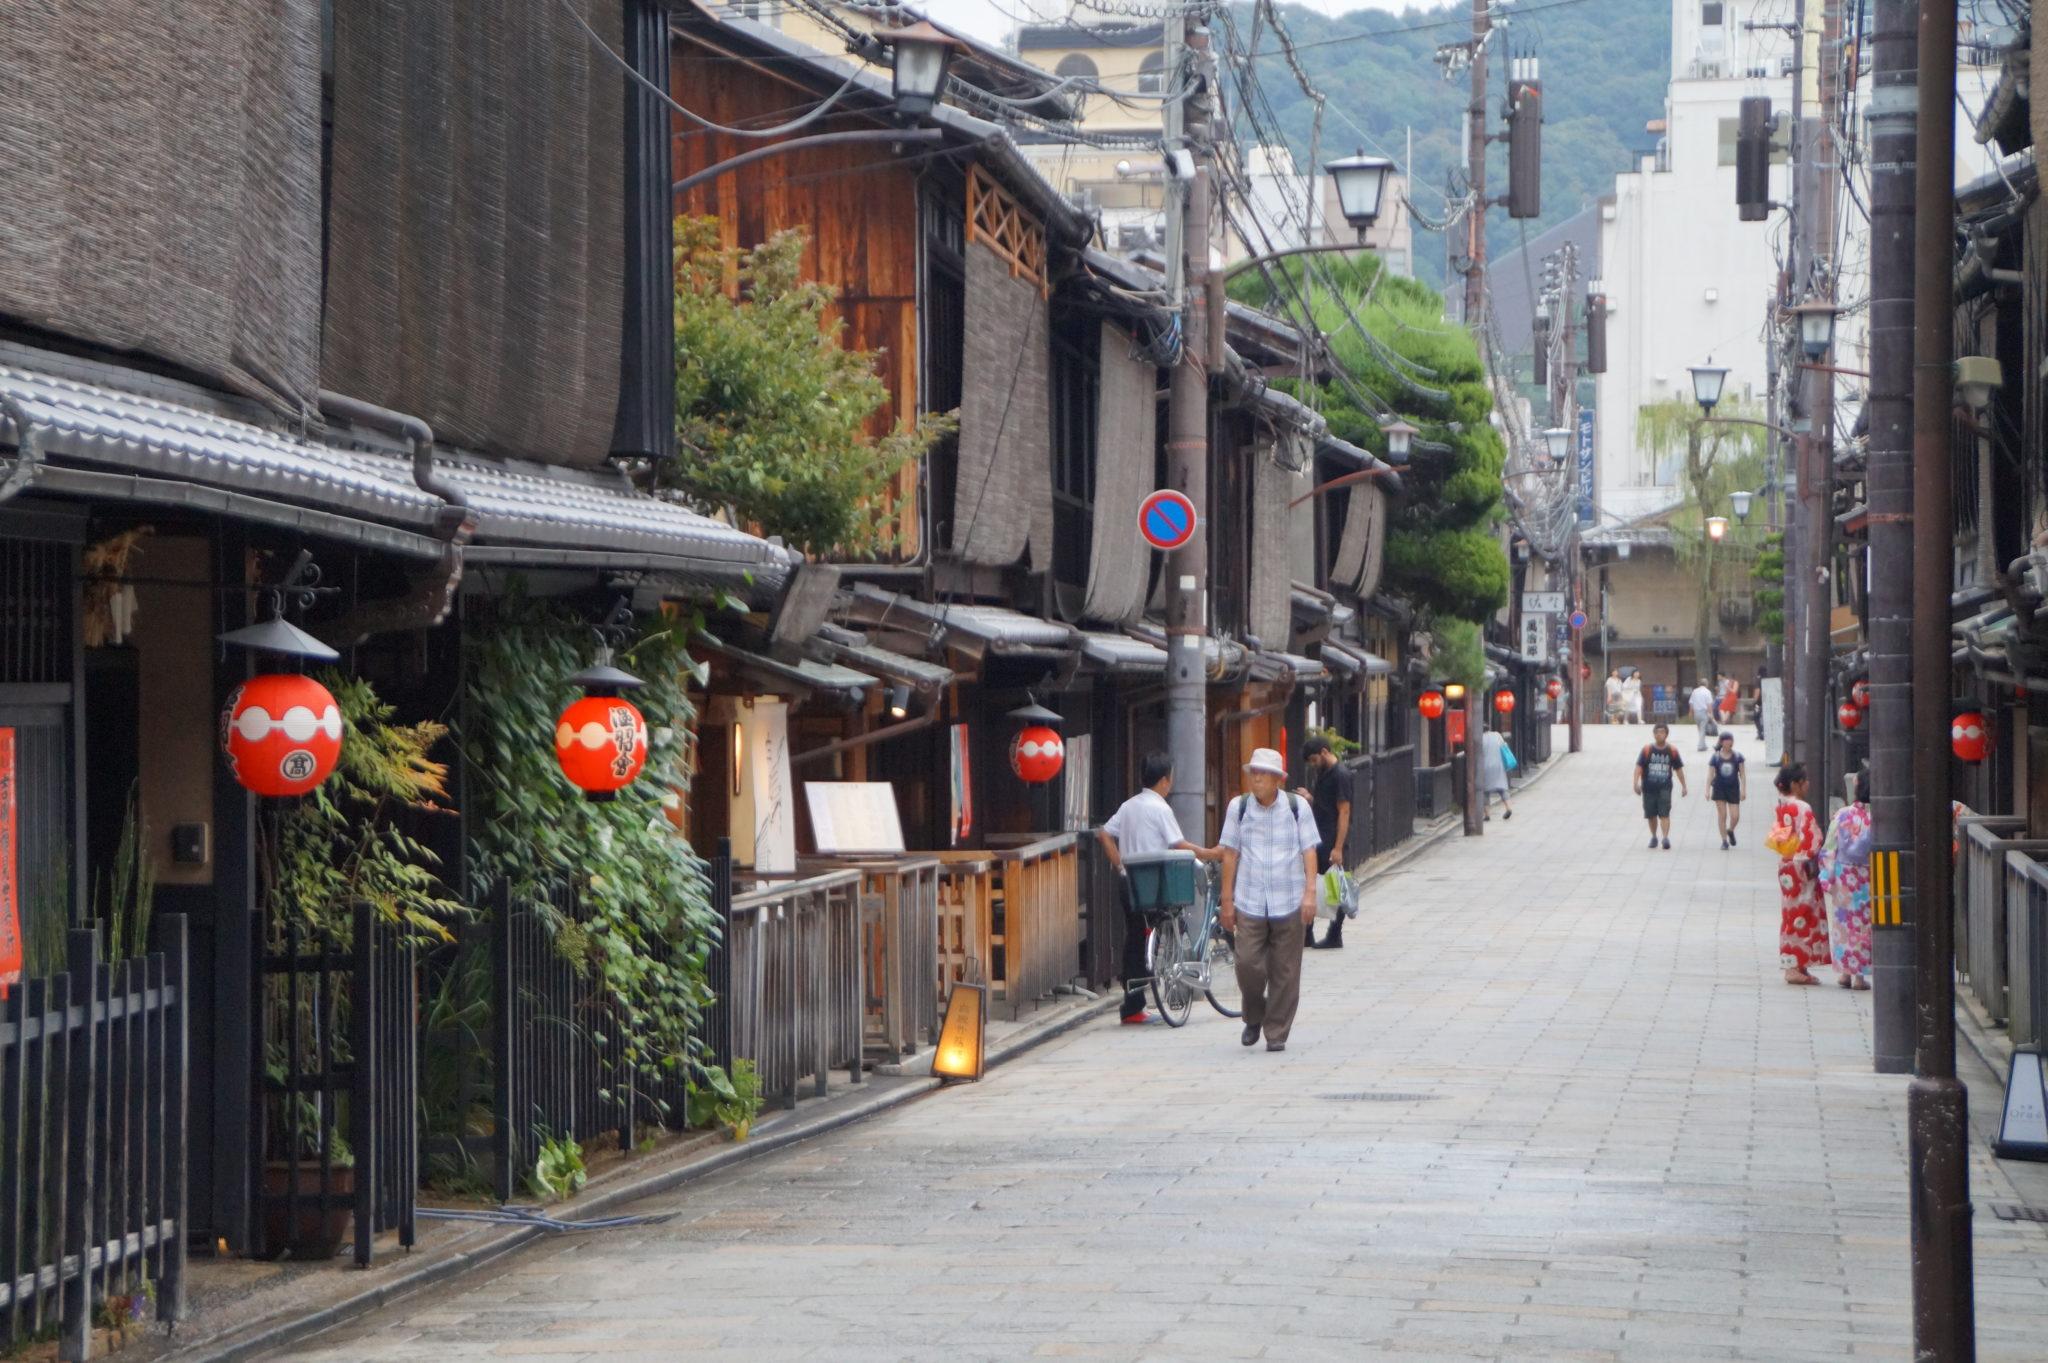 Kyoto archive goldieck - Moosgarten kyoto ...